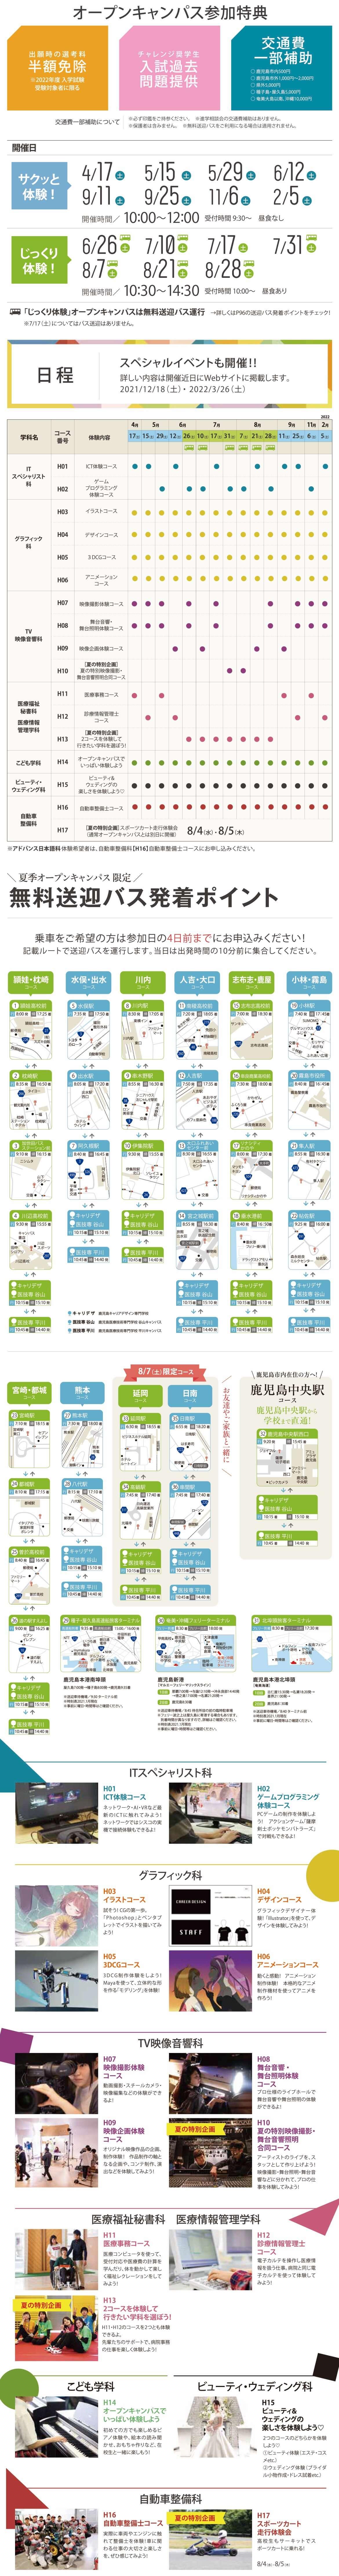 鹿児島キャリアデザイン専門学校オープンキャンパス2020